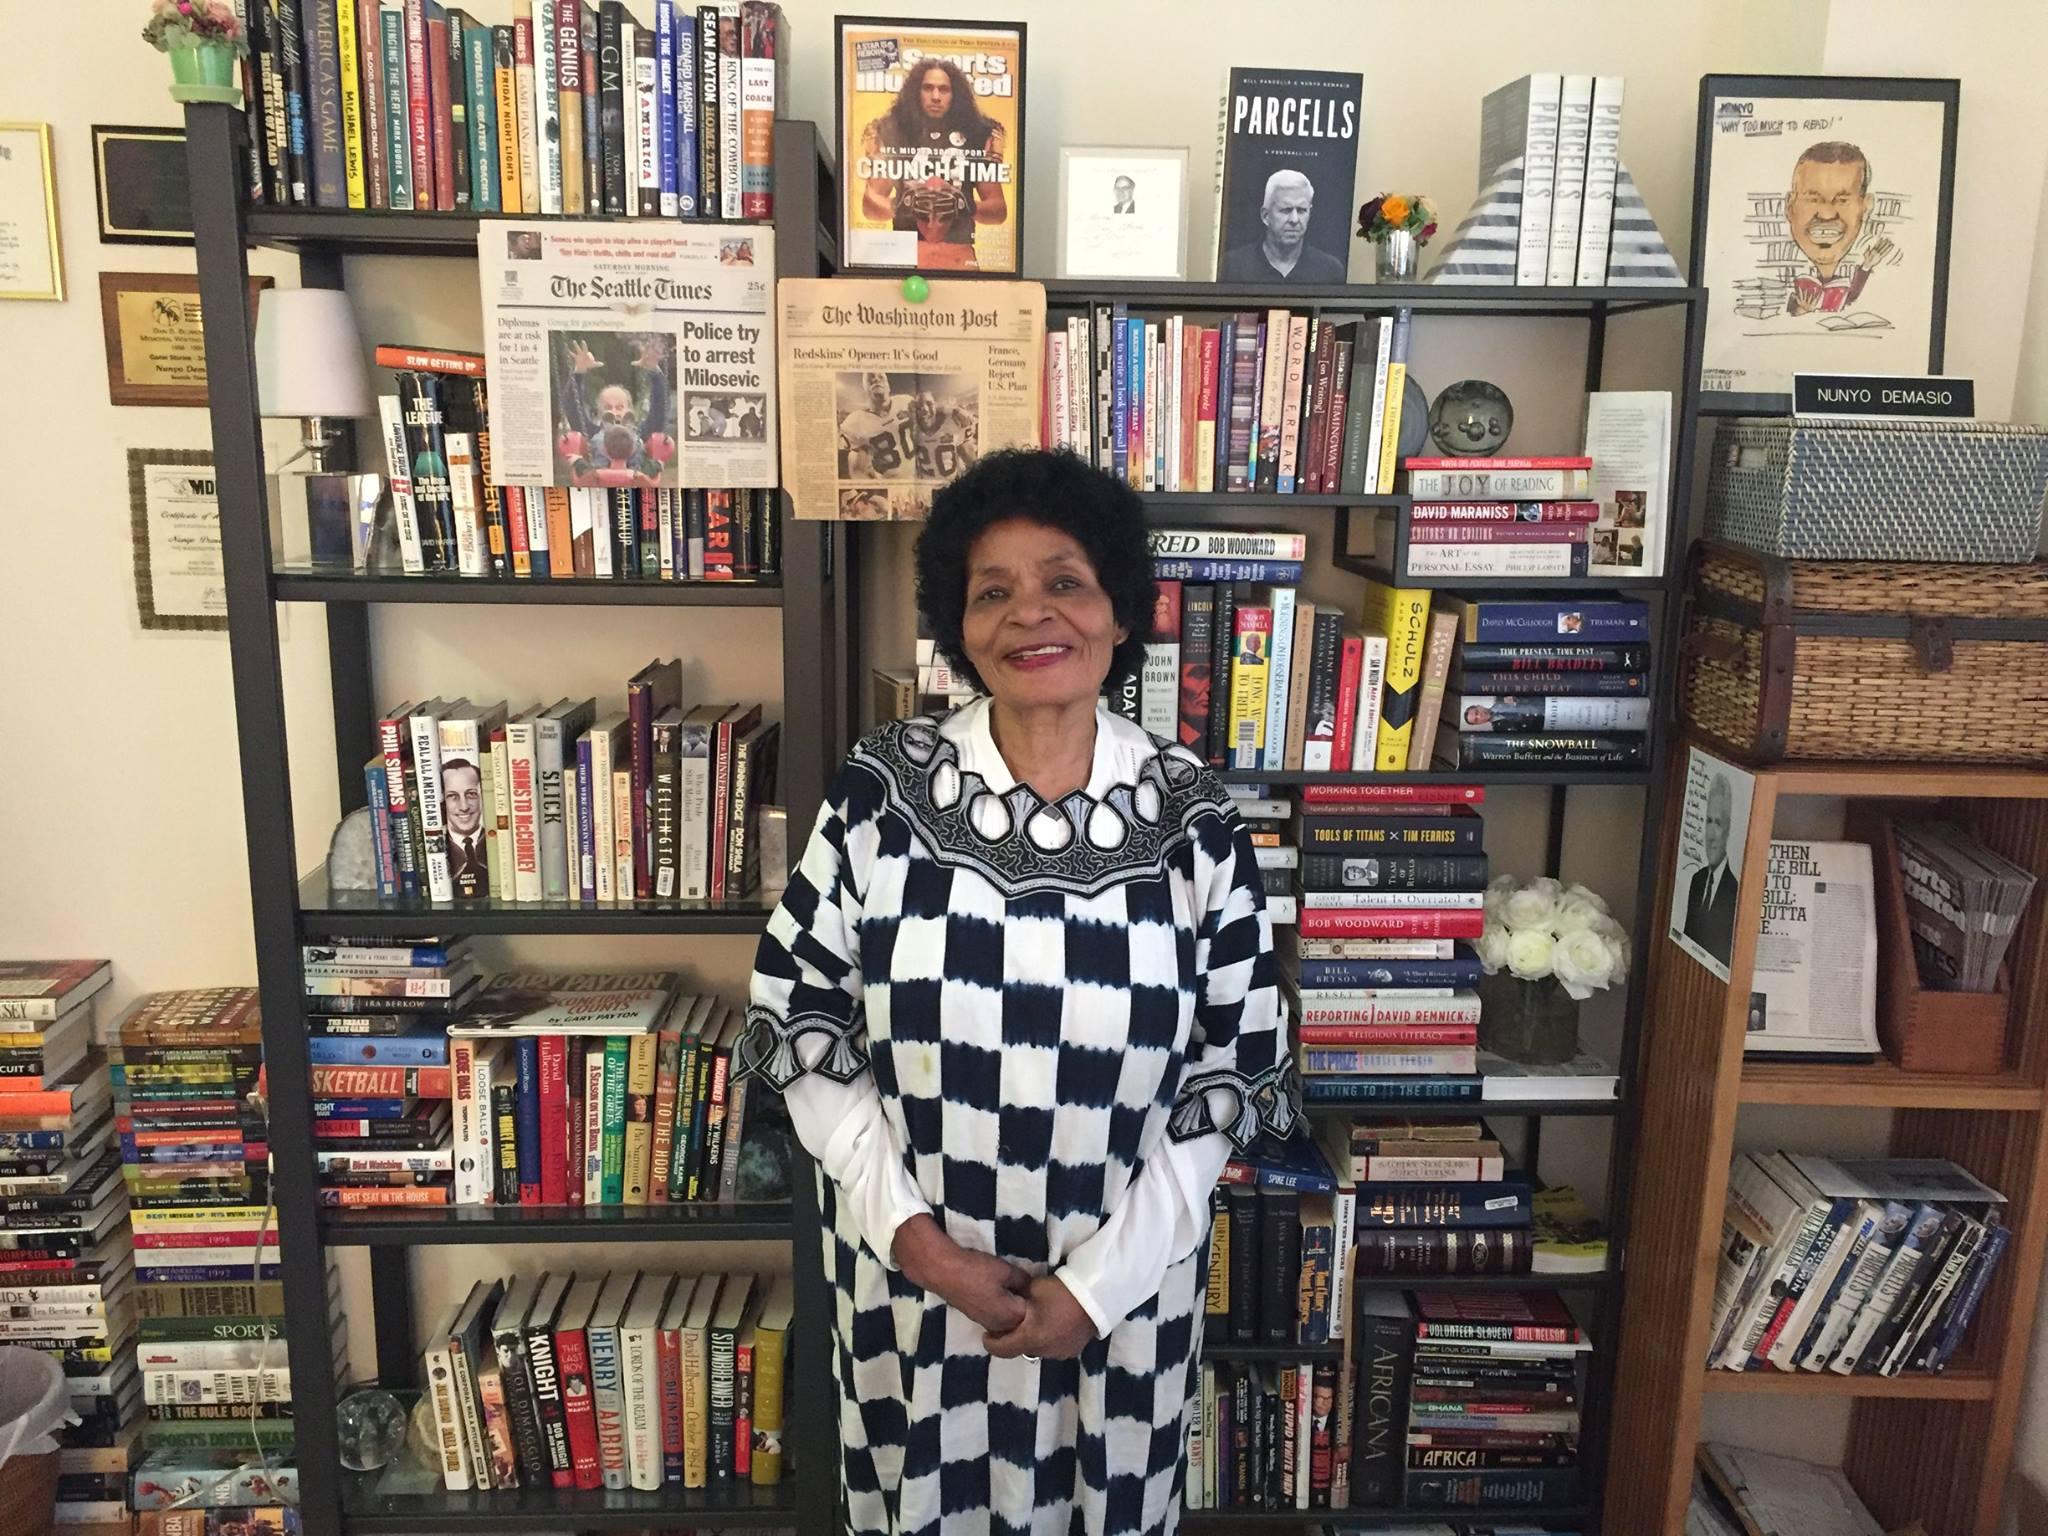 Queen Dorcas in front of my book shelf during summer 2017.